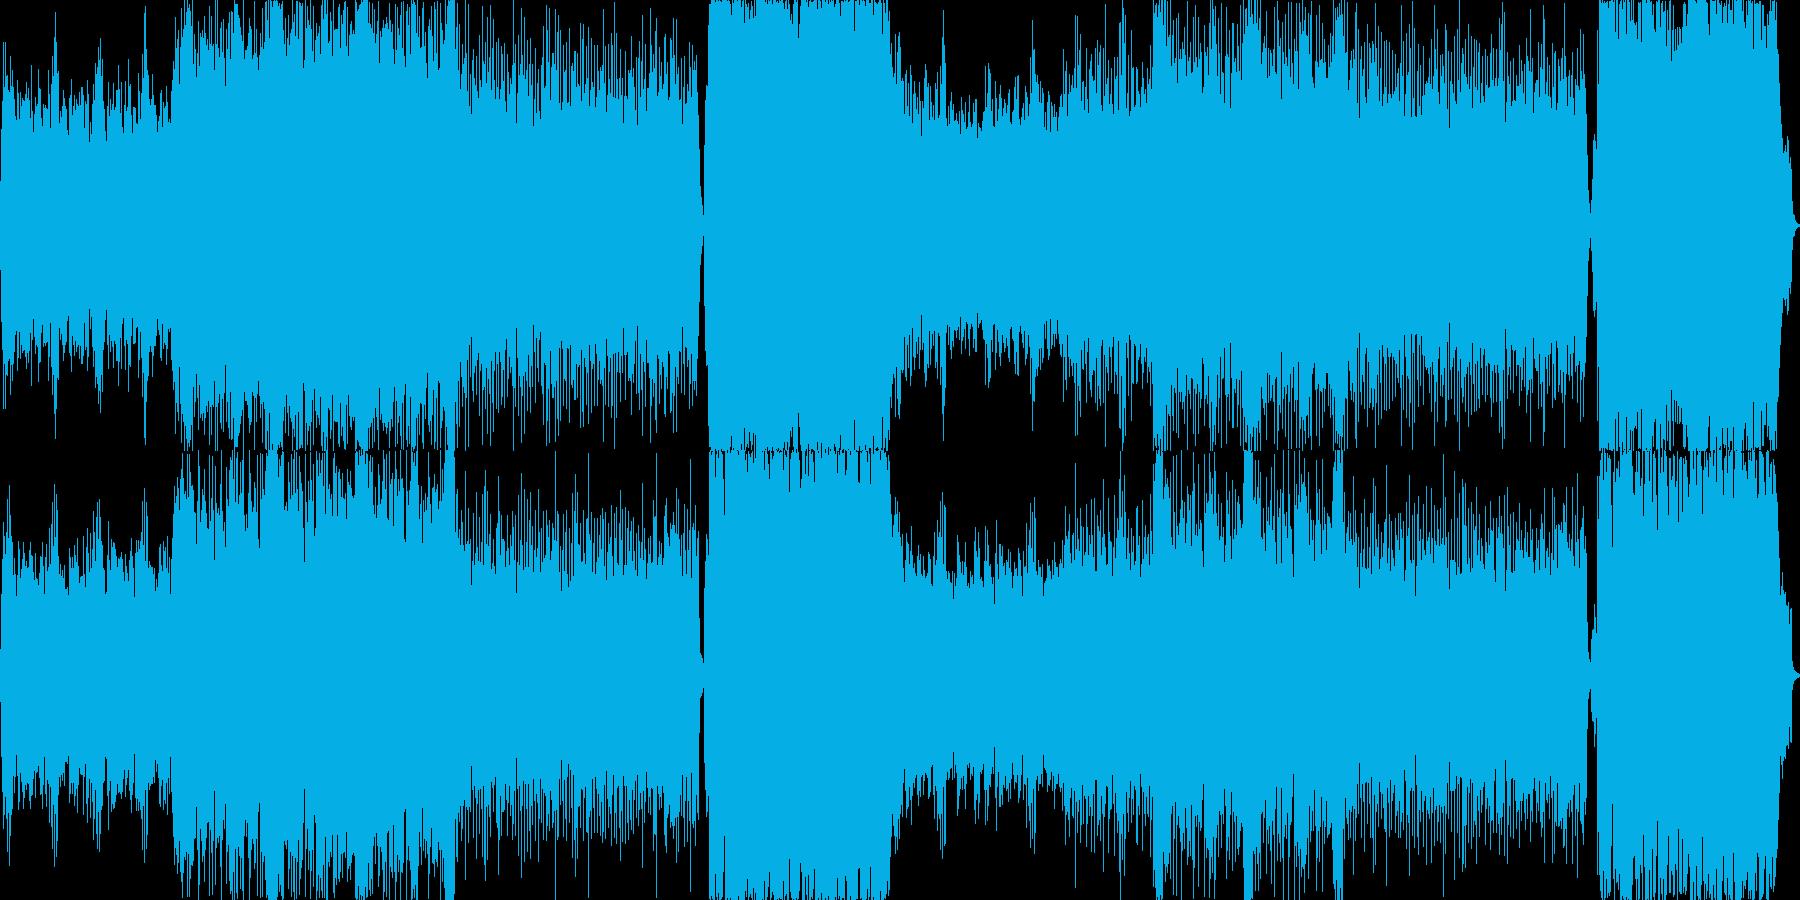 斬新な戦闘曲に近い緊迫した曲です。の再生済みの波形